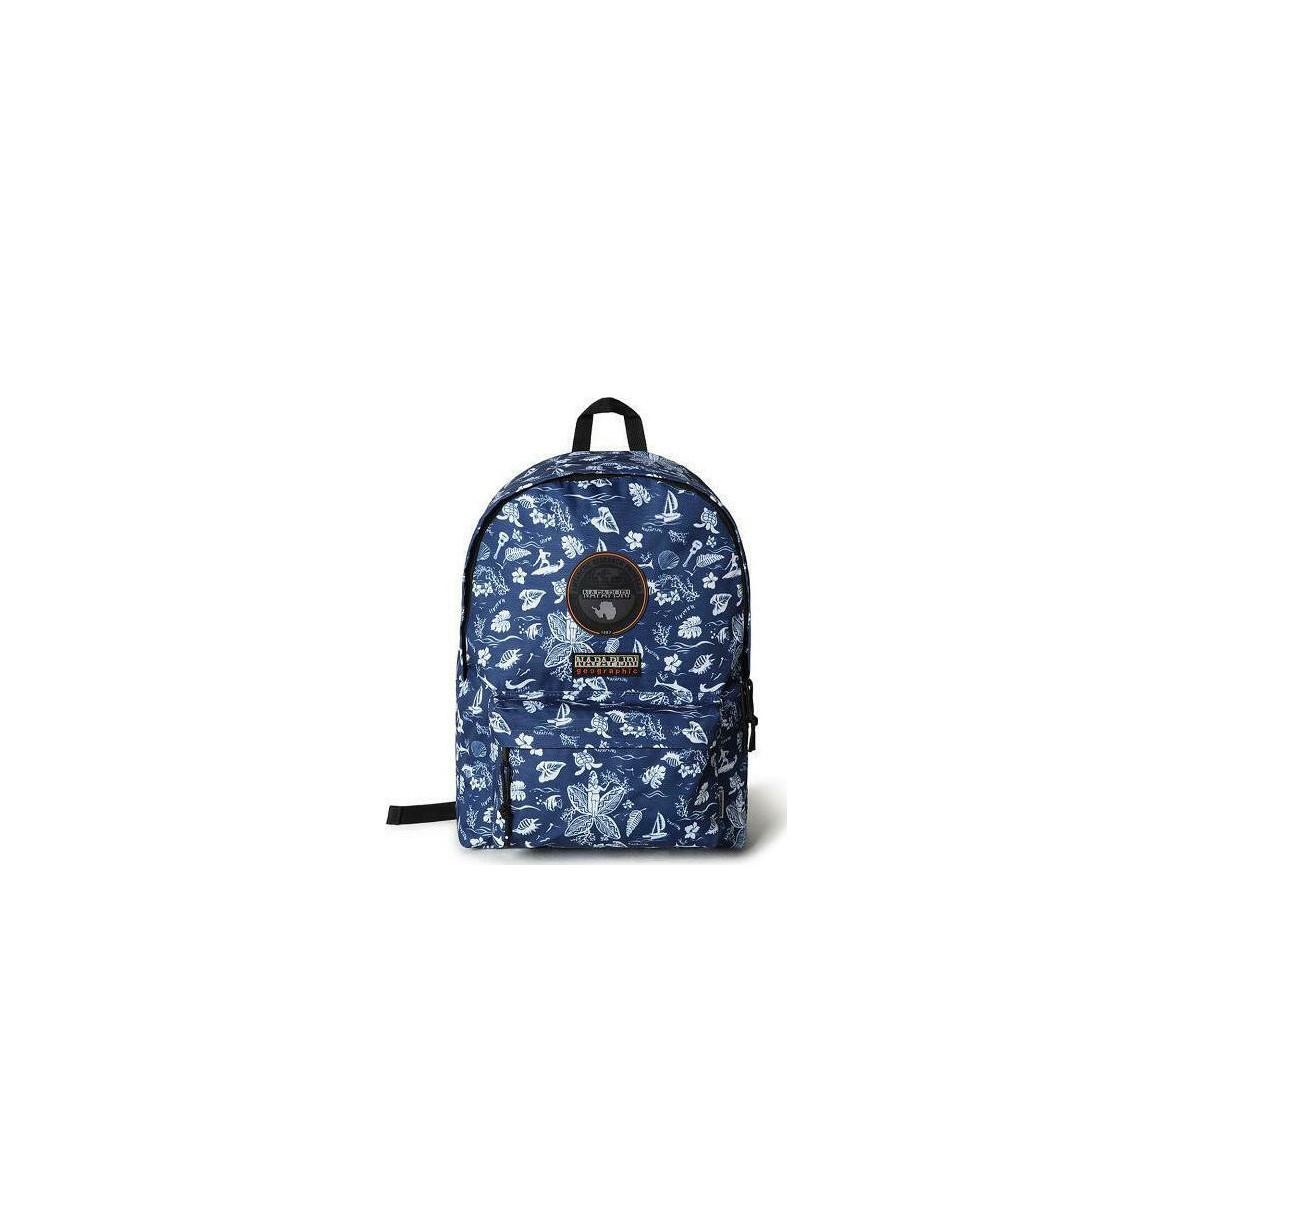 NAPAPIJRI vícebarevný batoh VOYAGE